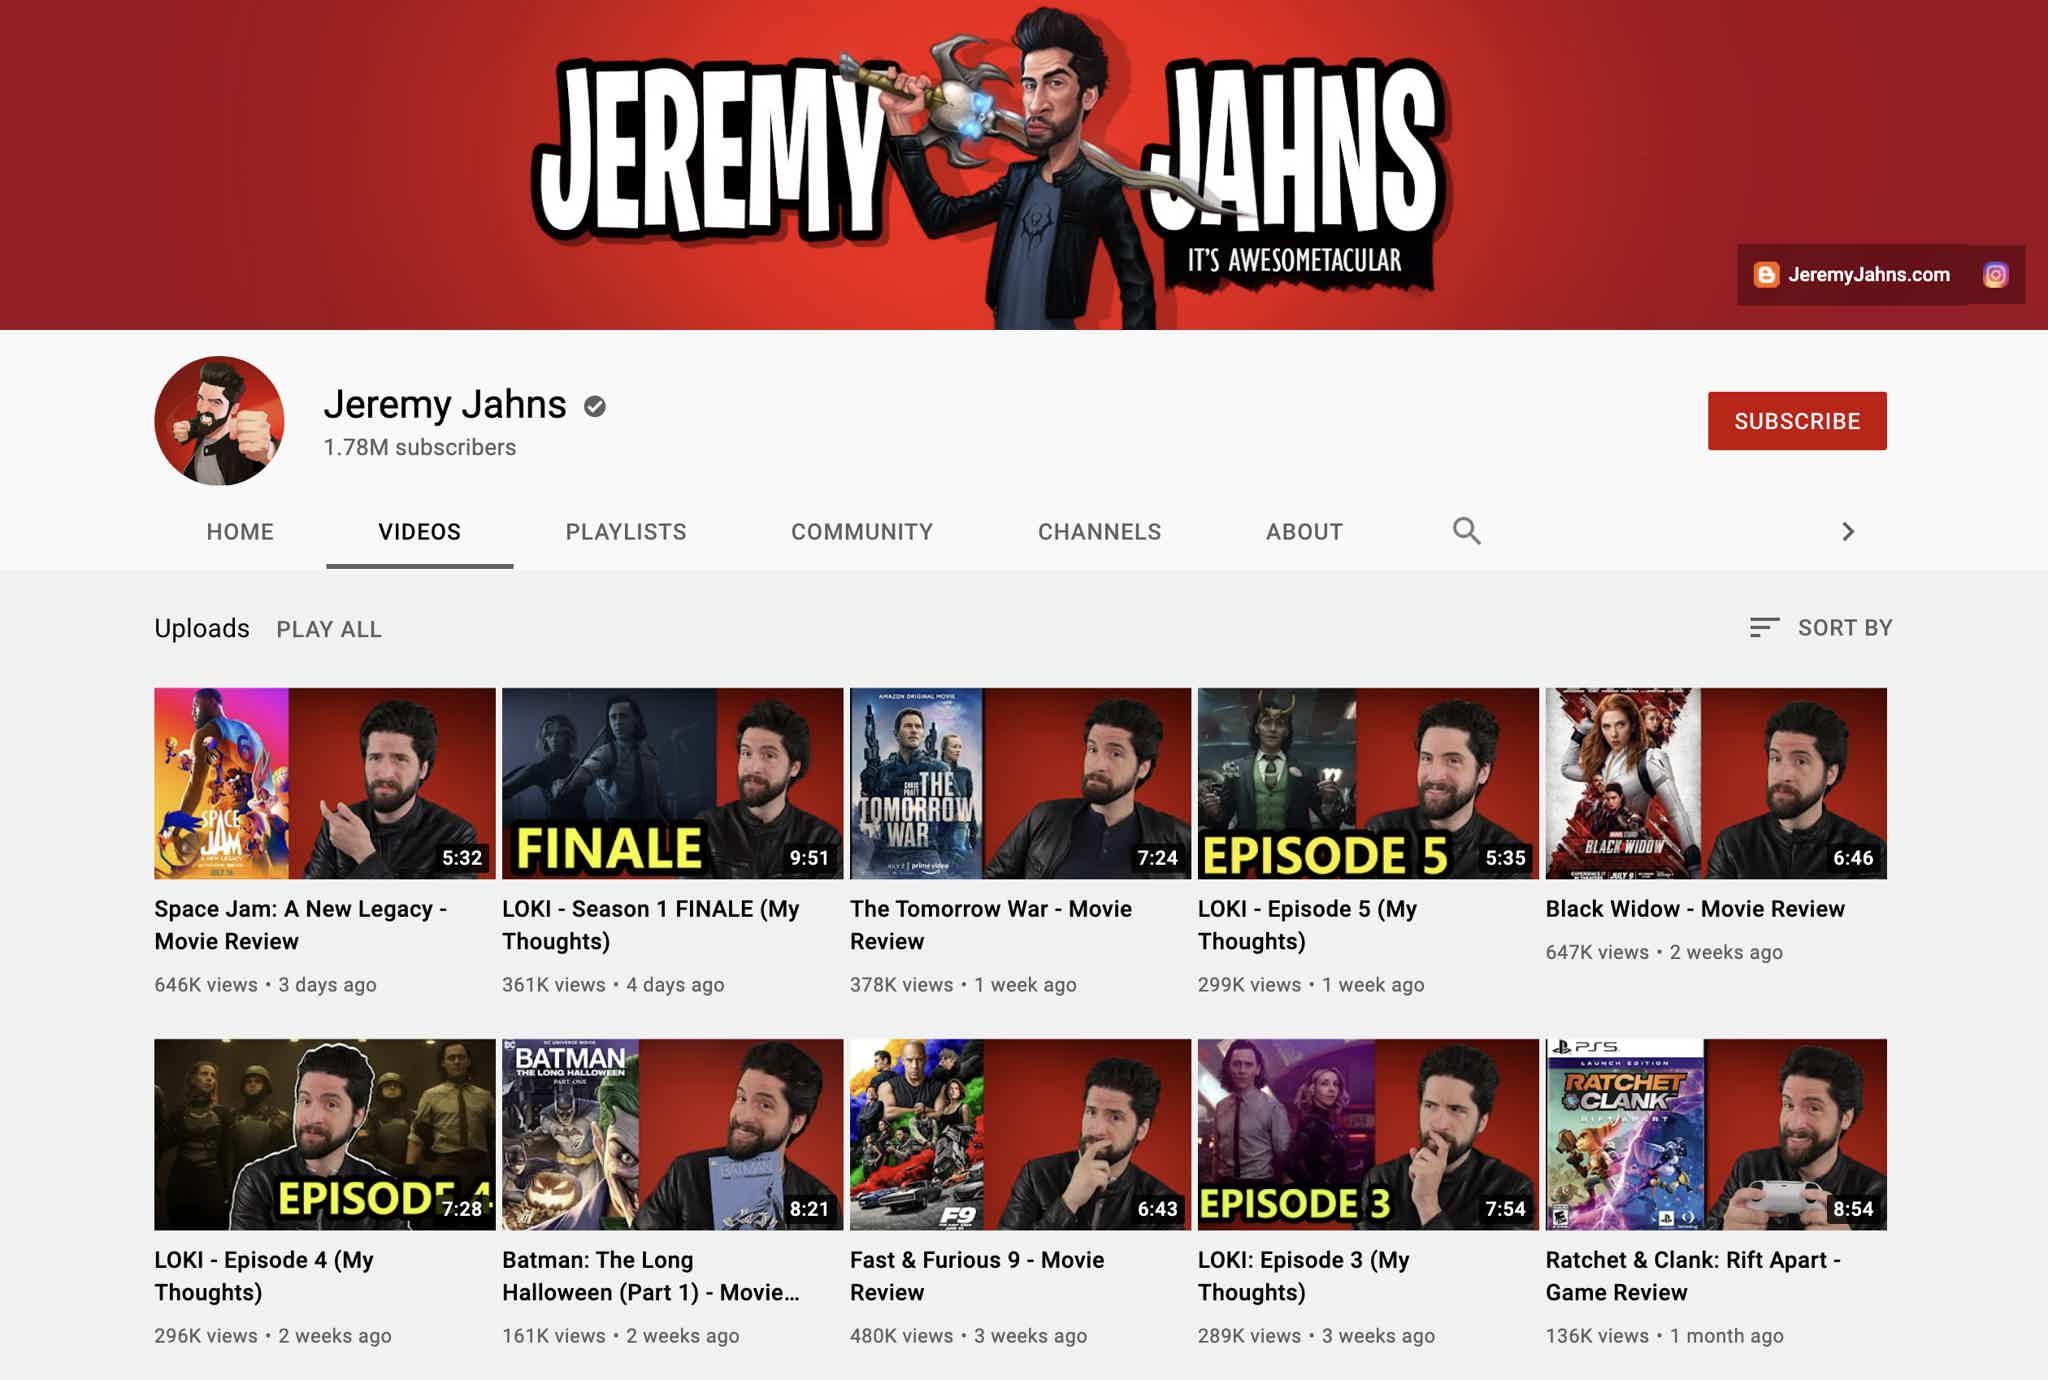 Jeremy Jahns YouTube